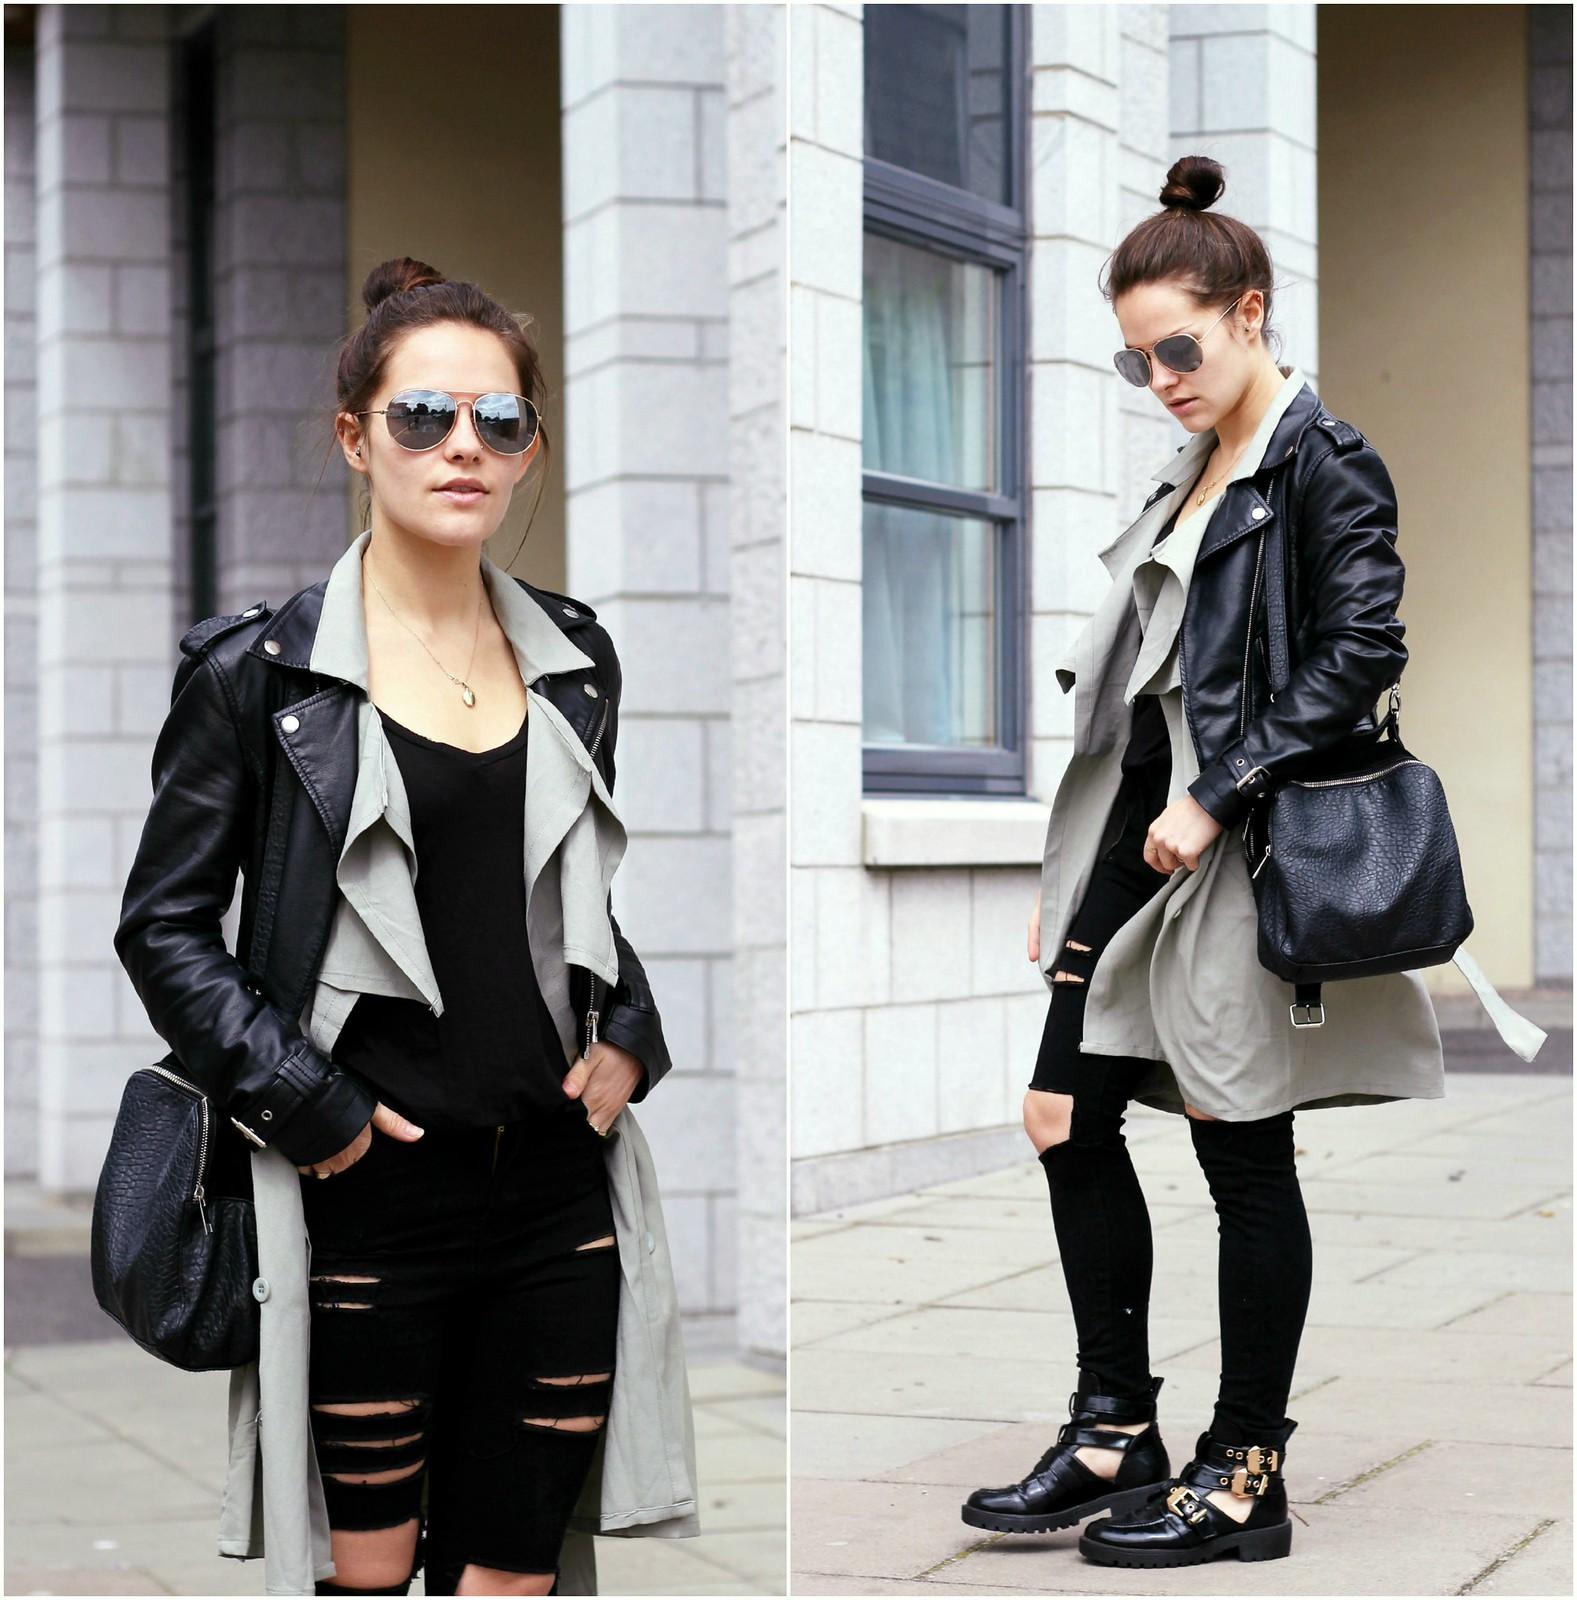 Choies long sleeveless waistcoat 7